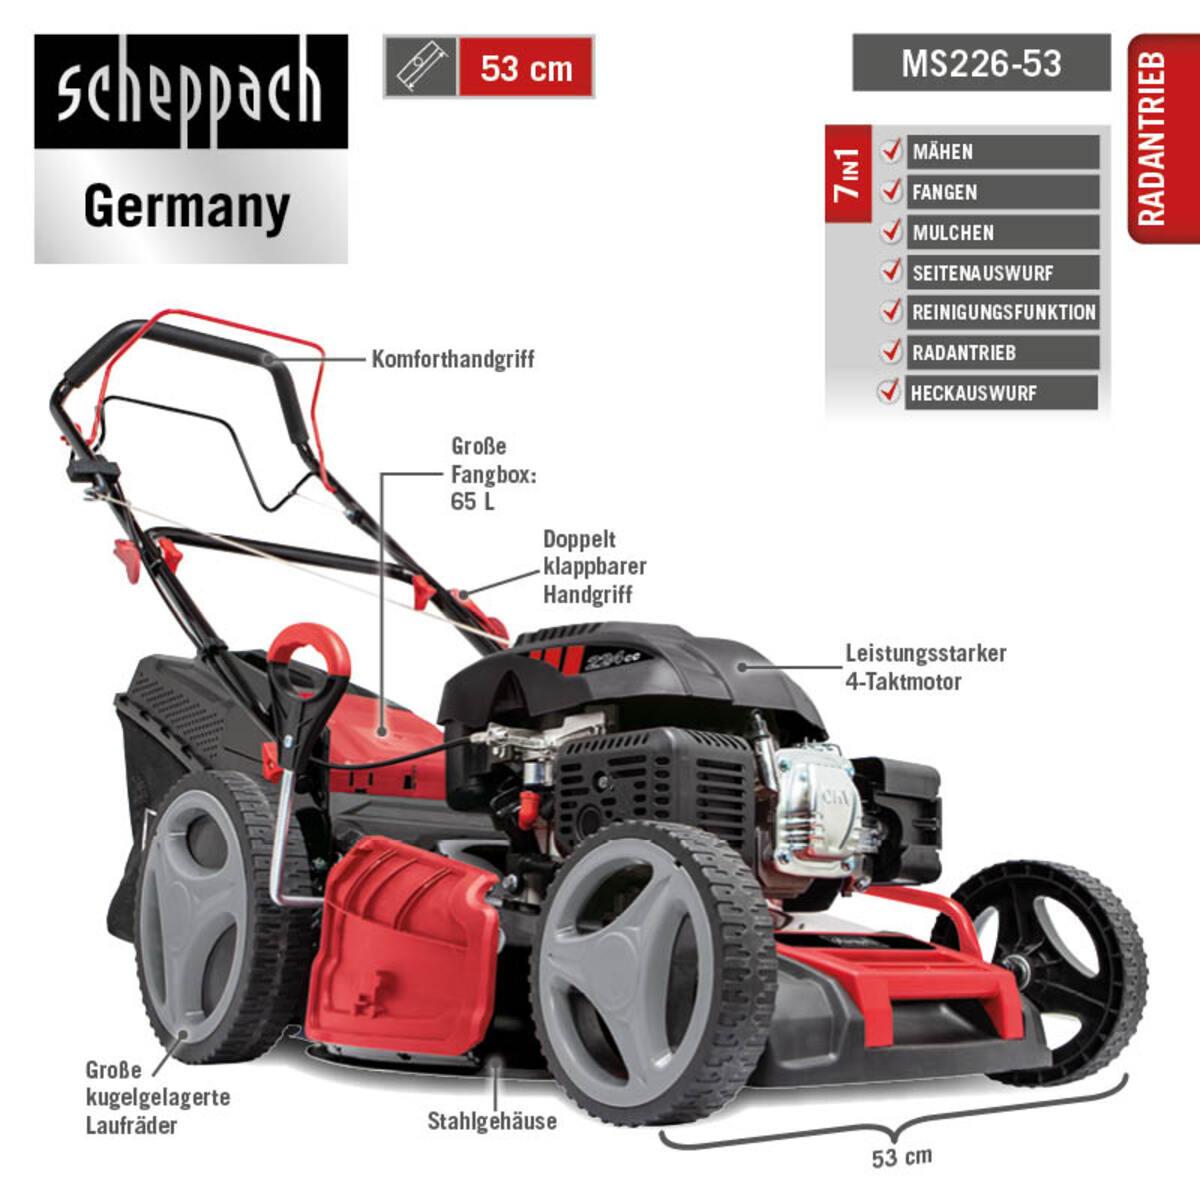 Bild 3 von Scheppach Benzin-Rasenmäher MS226-53